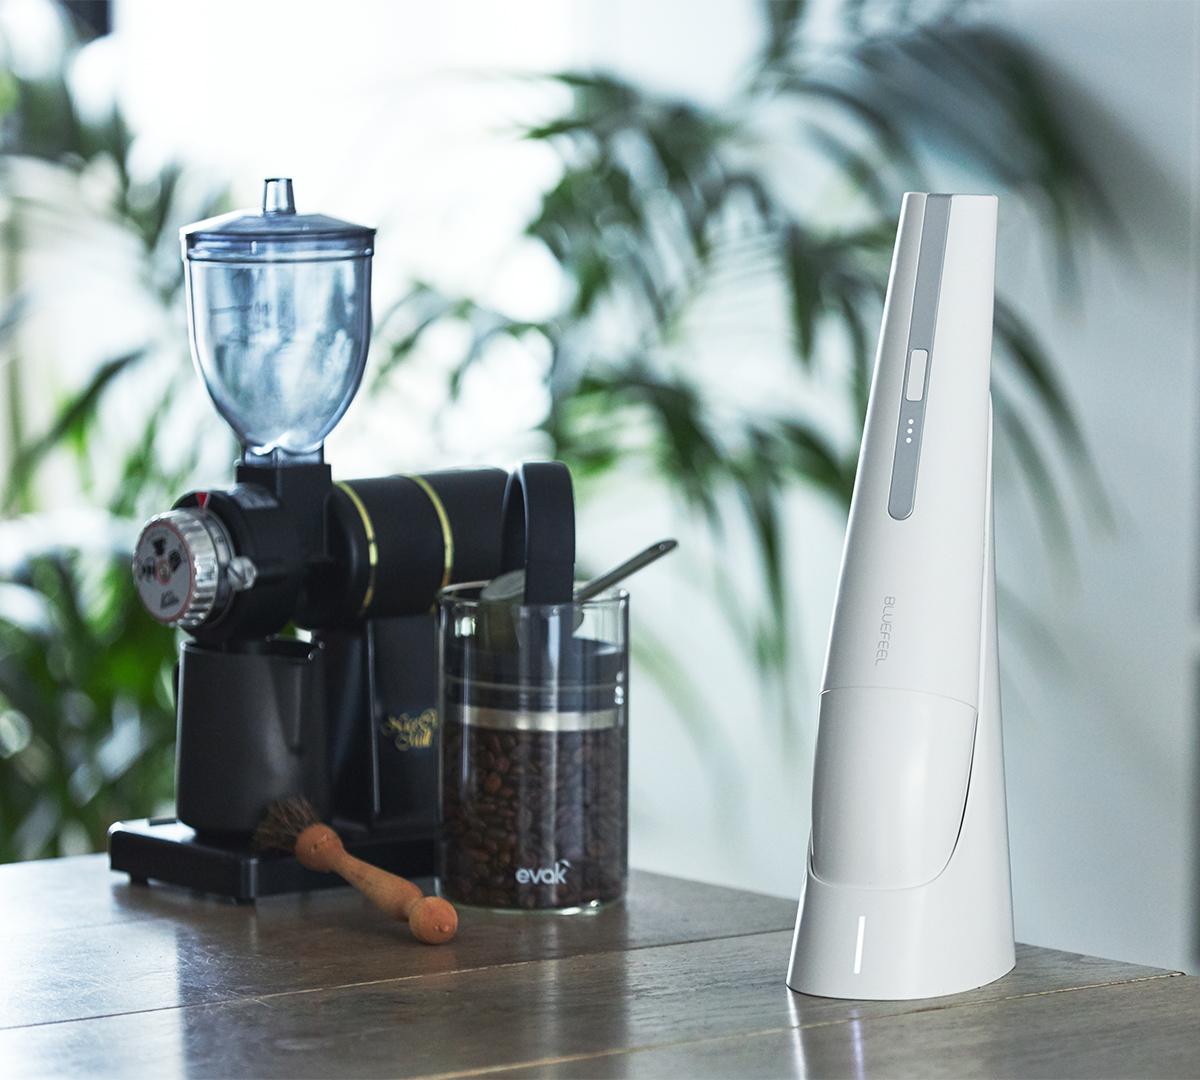 スタイリッシュでおしゃれな掃除機。リビングに馴染むデザイン、ゴミに気づいたら即ハイパワーで吸引できる「ハンディクリーナー」|MONTANC(モンタン)